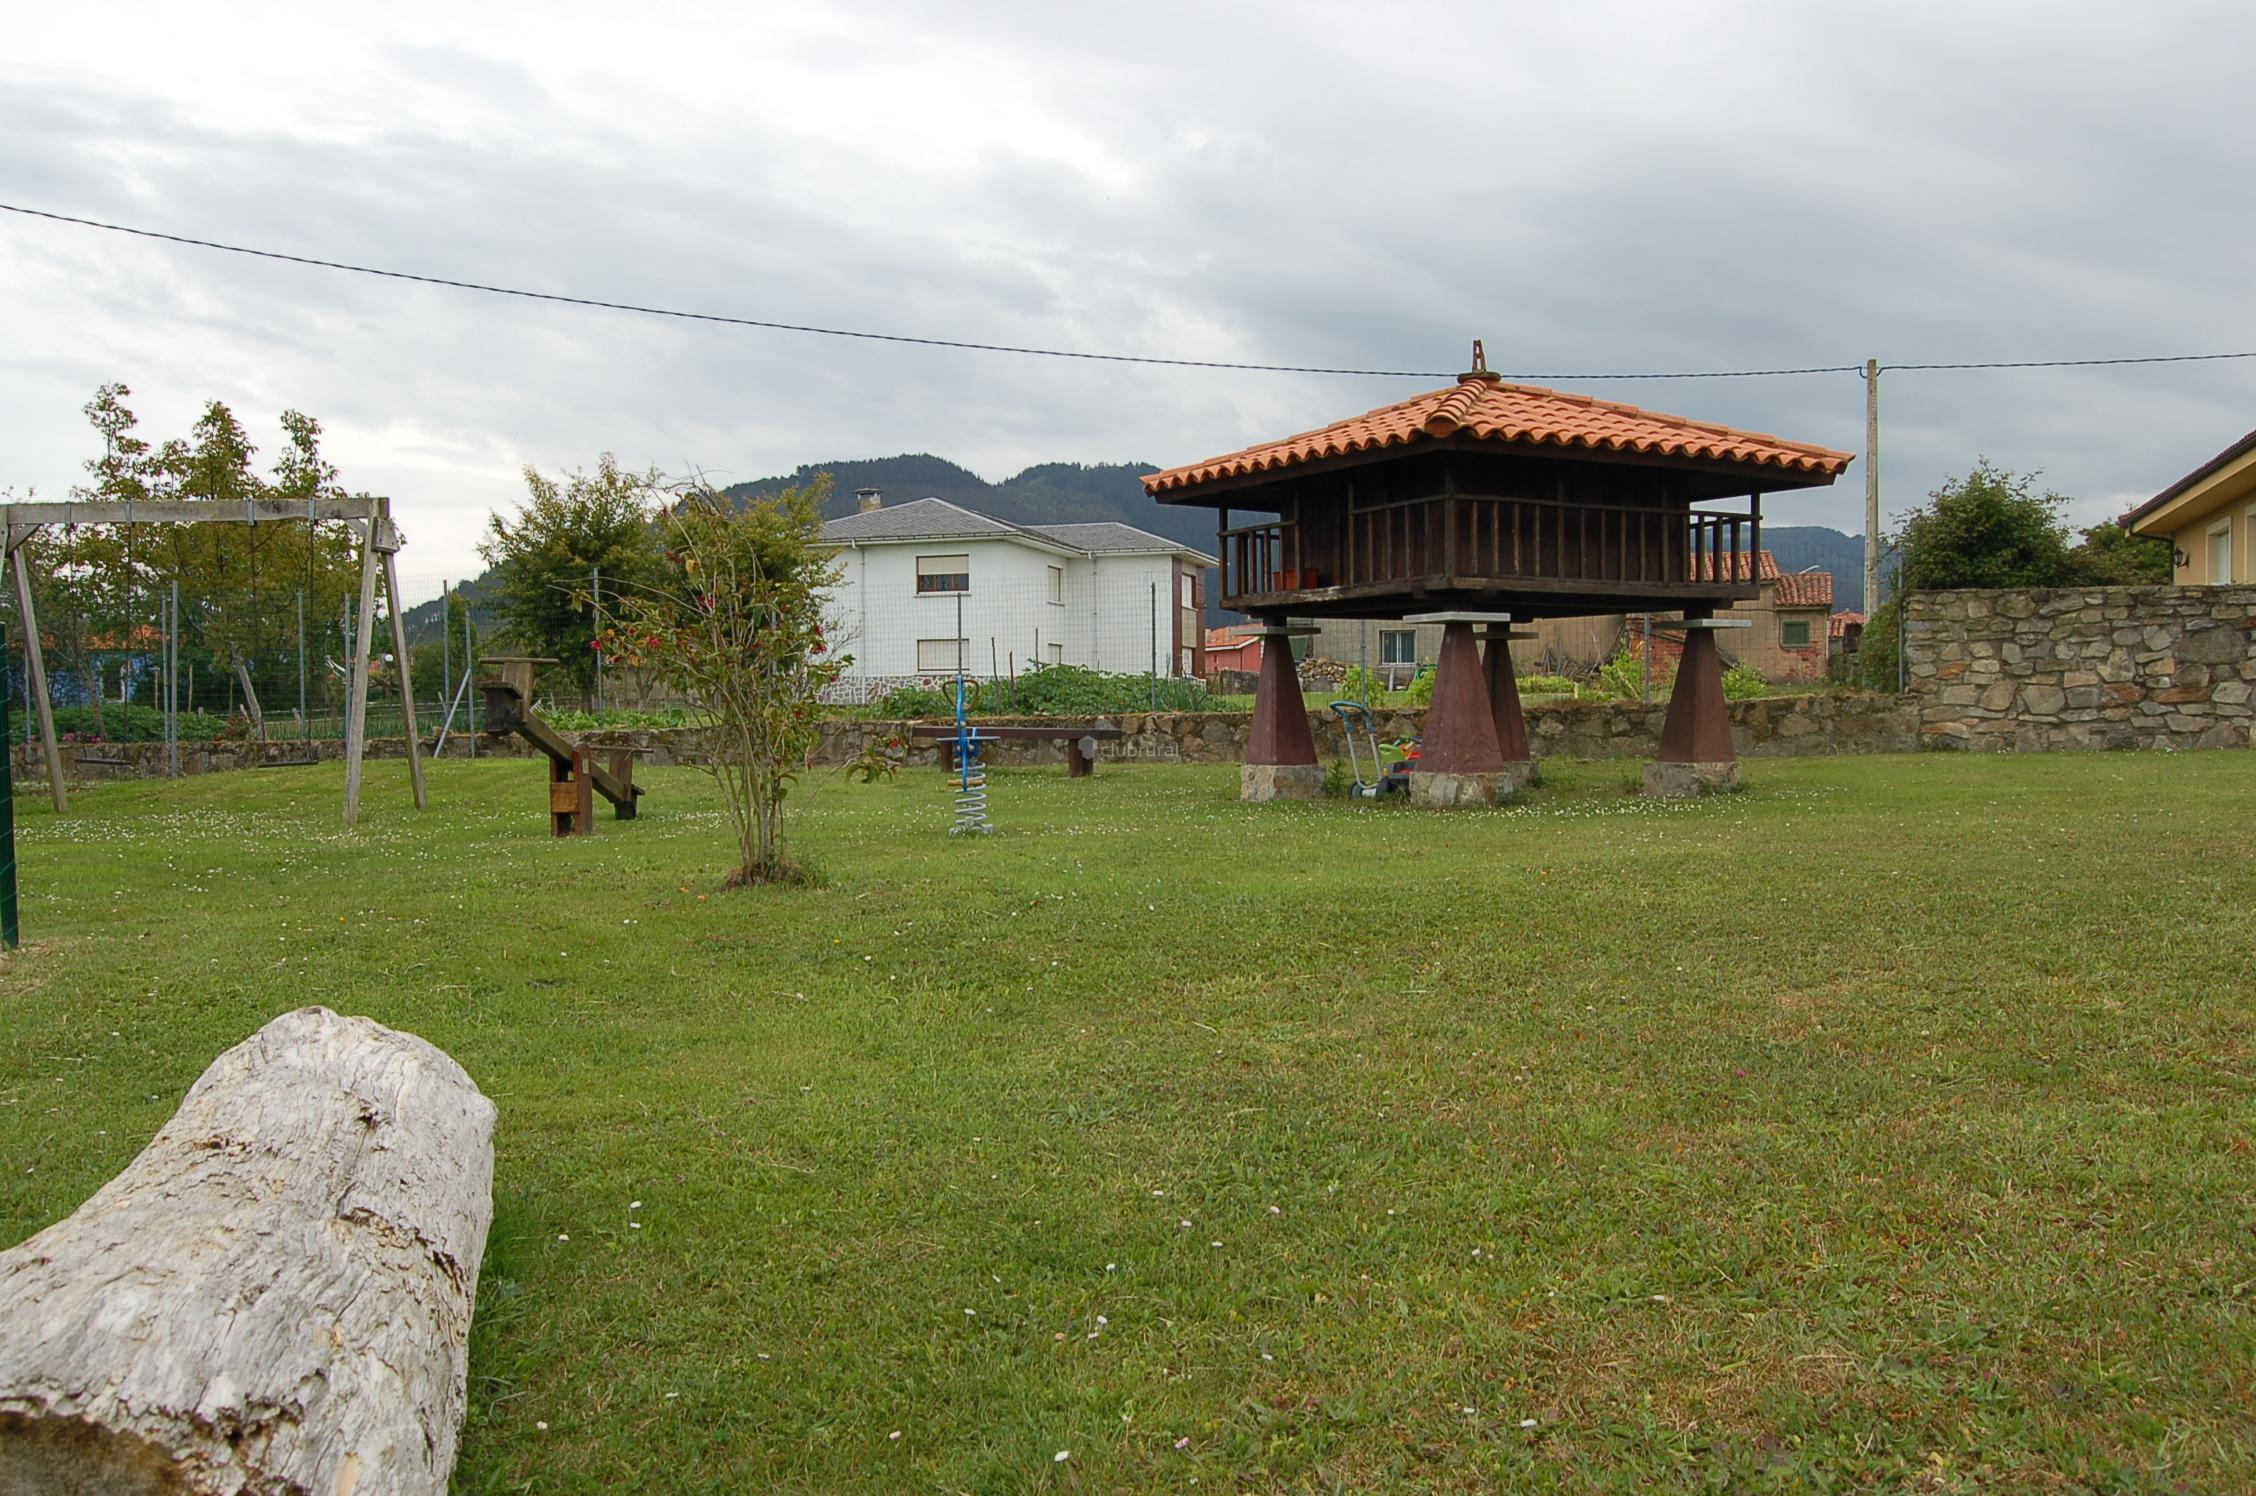 Fotos de aptos rurales la regatina asturias cudillero - Fotorural asturias ...